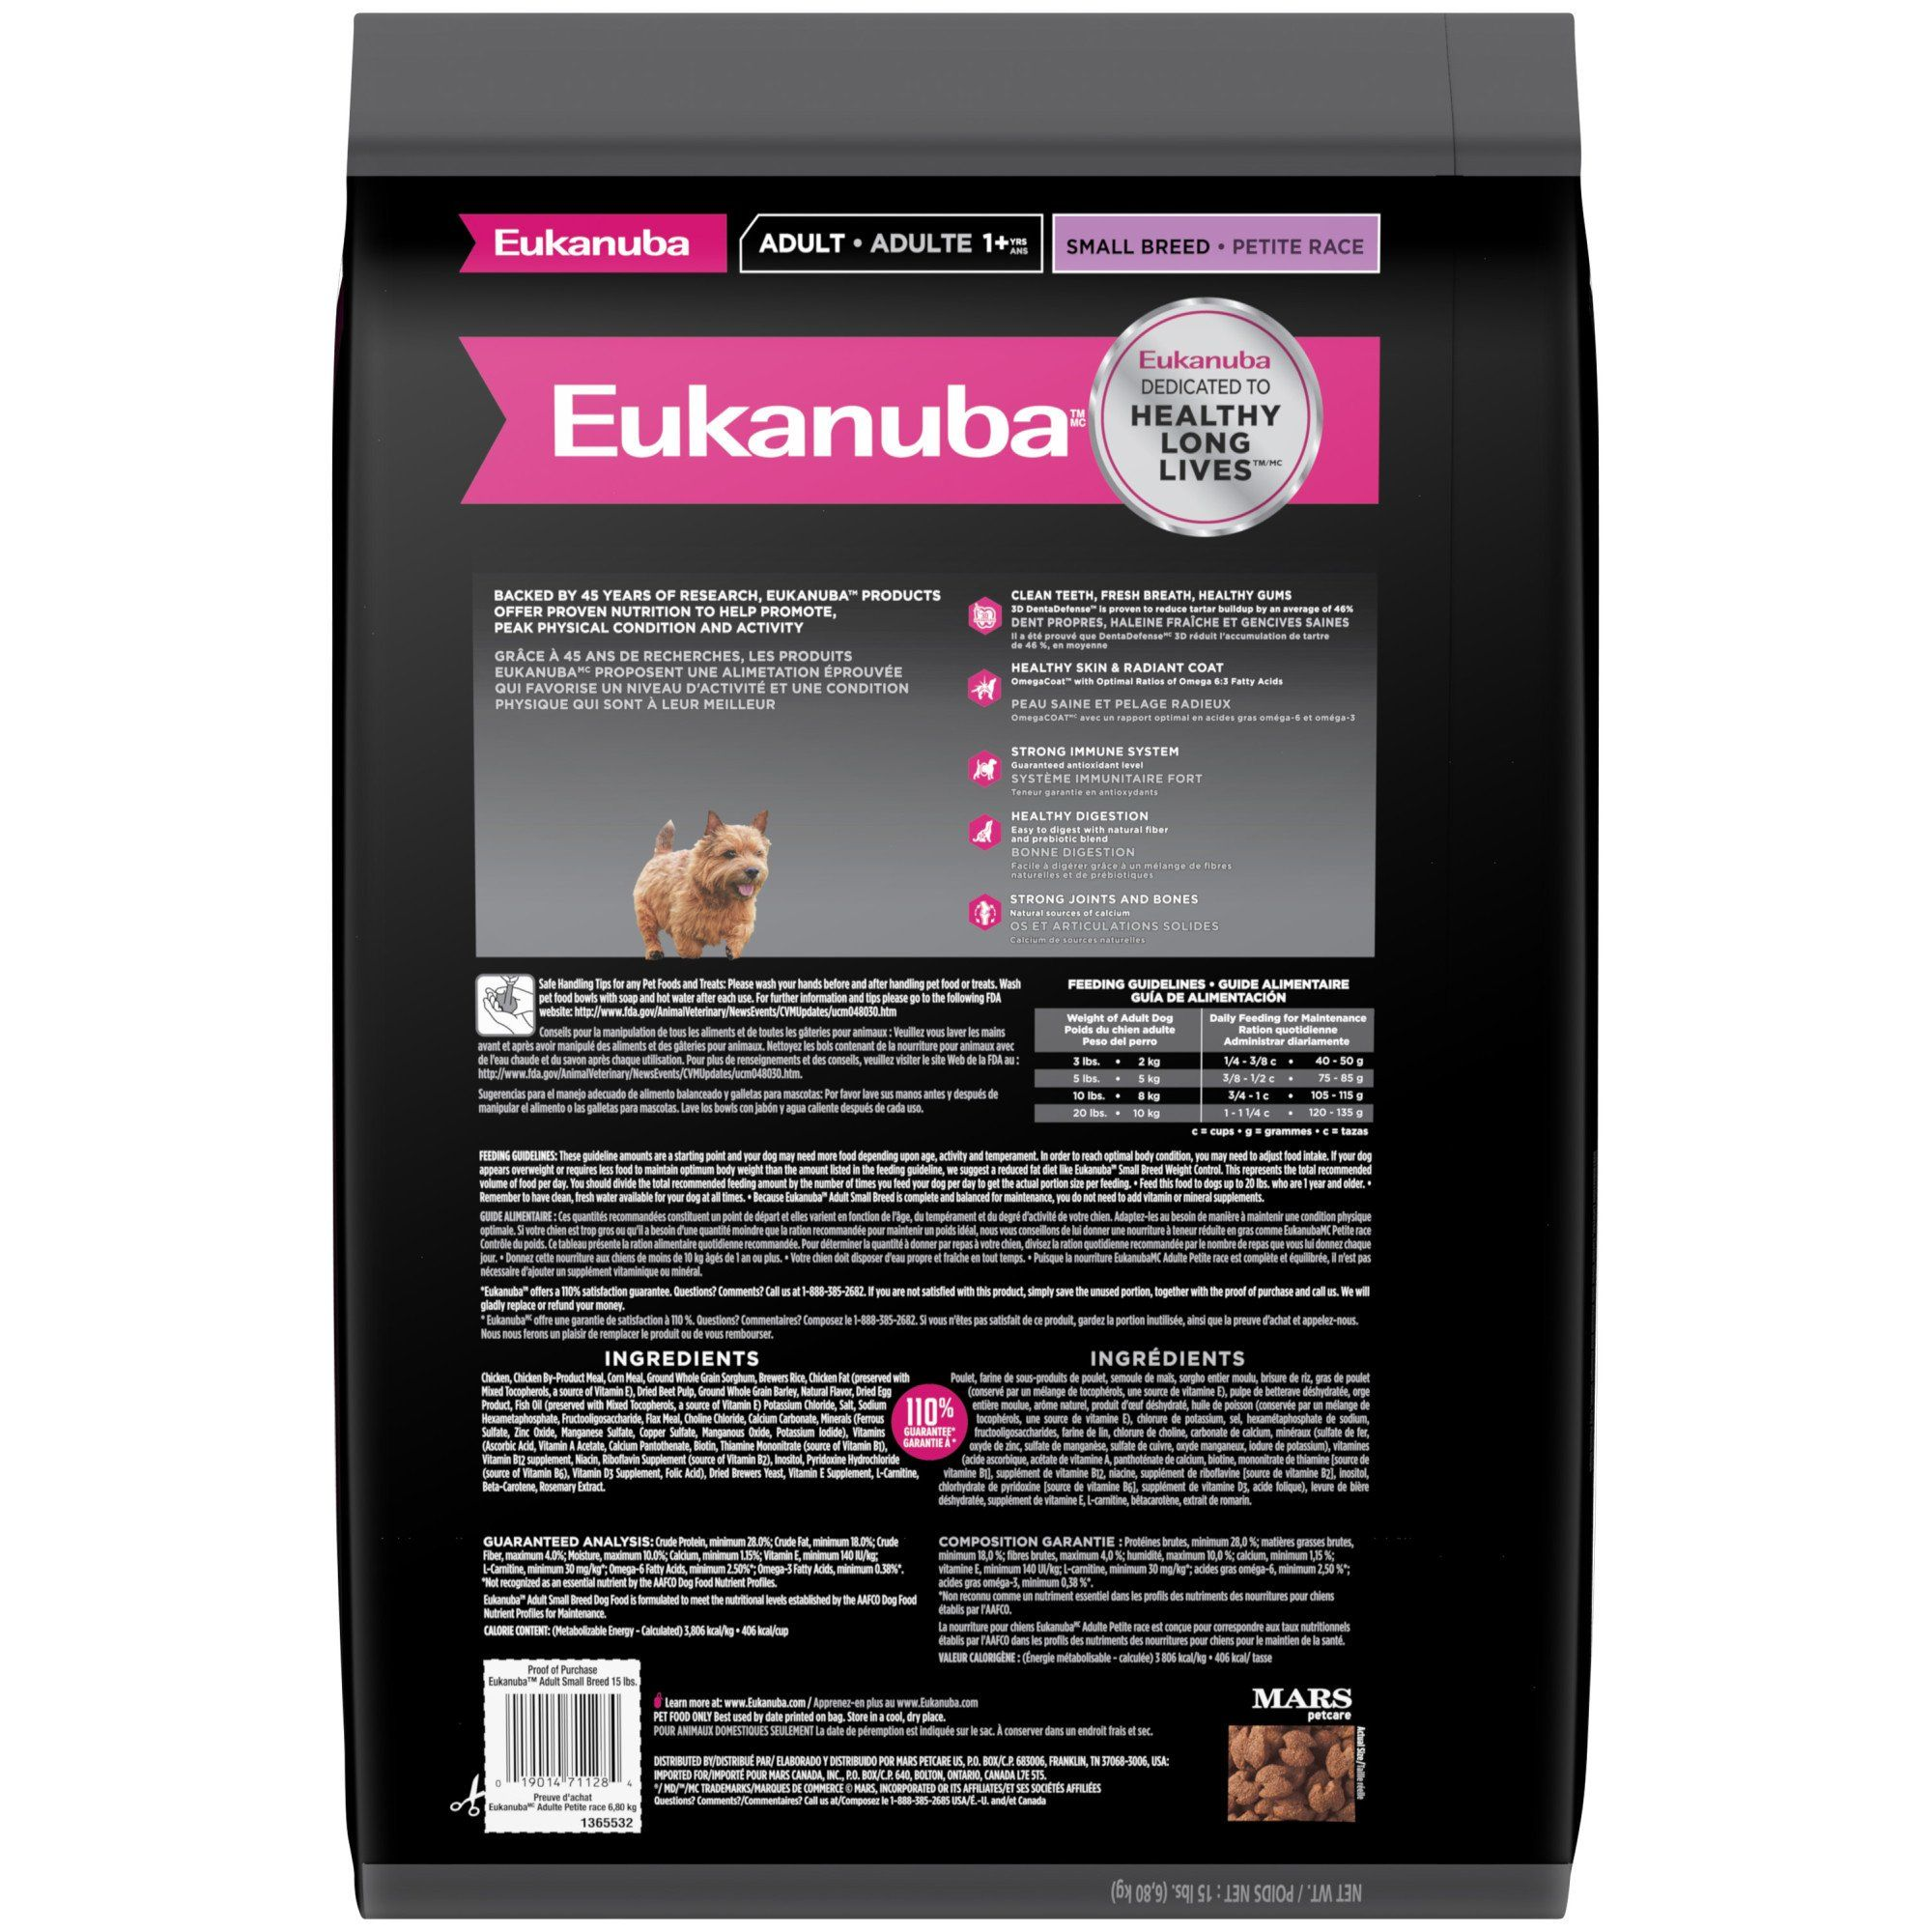 Eukanuba Small Breed Adult Dog Food 15 Lbs Small Breed Dog